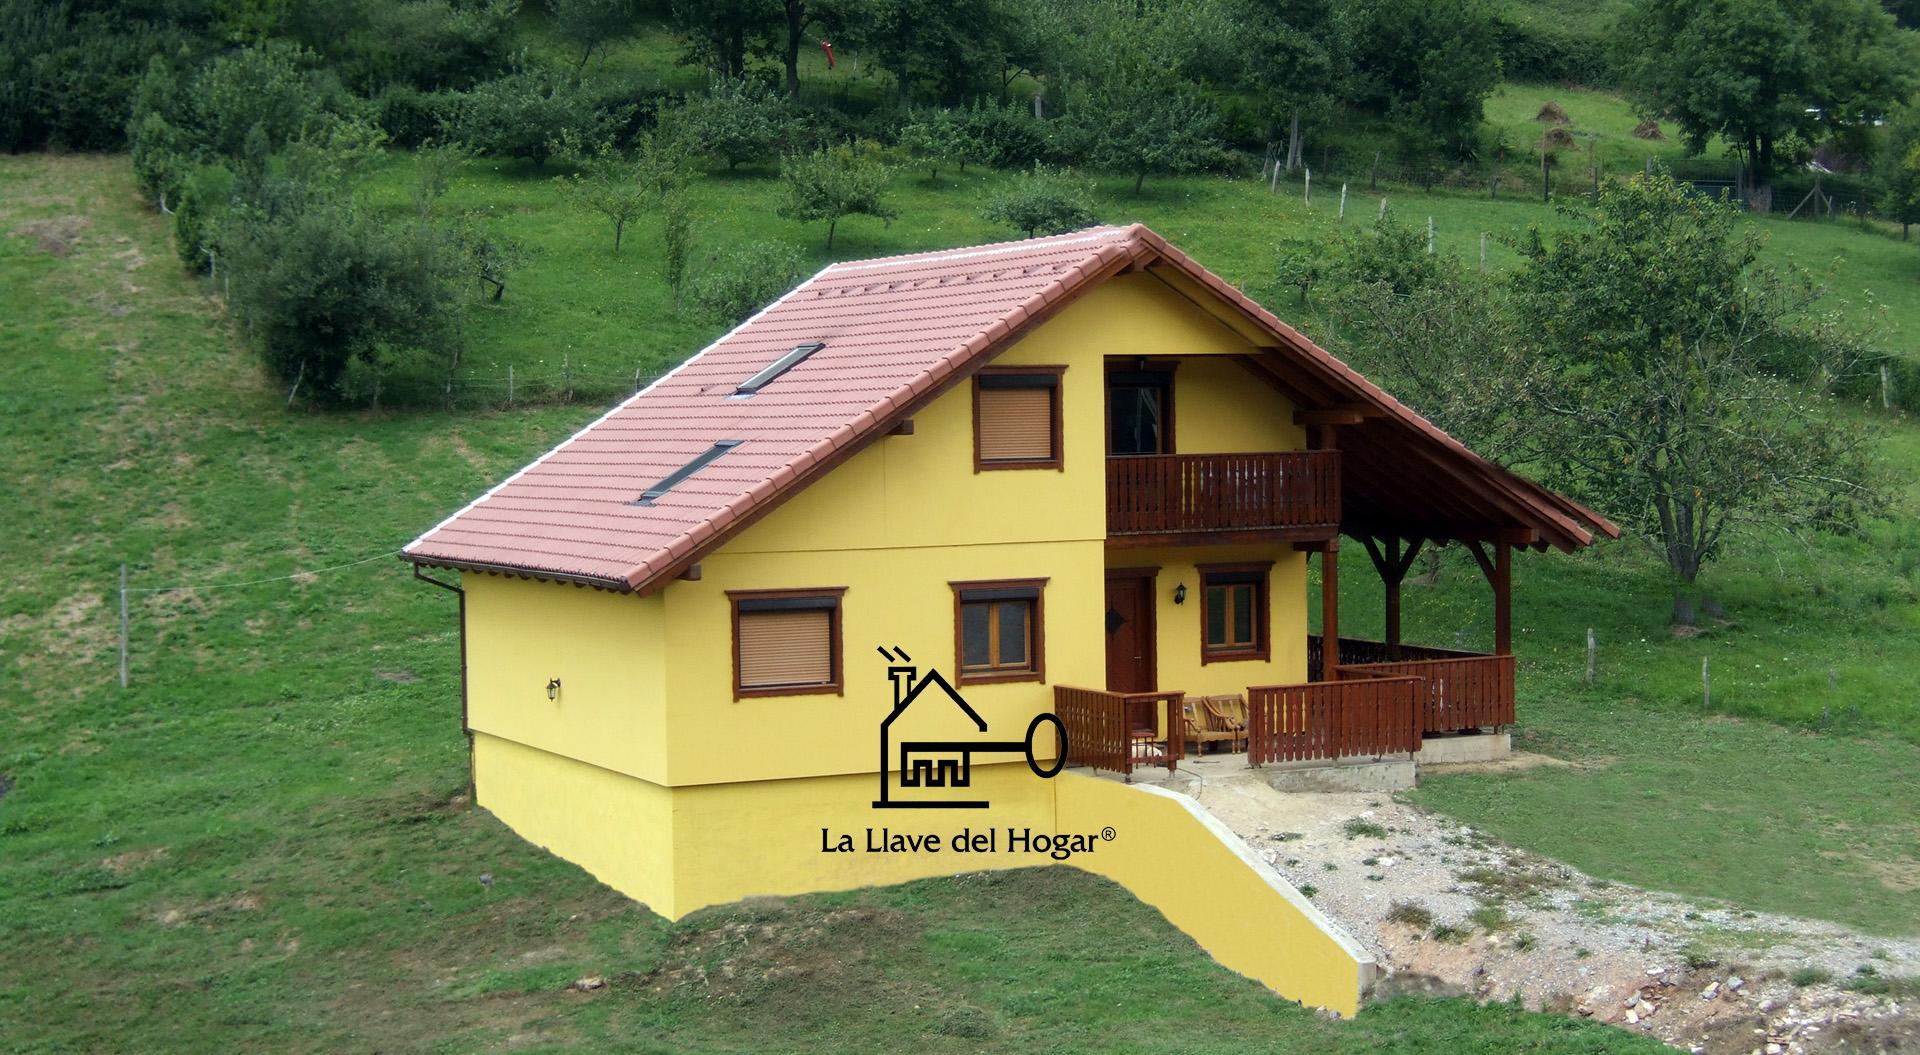 Cad plus 180m casas de madera la llave del hogar - Casas entramado ligero ...